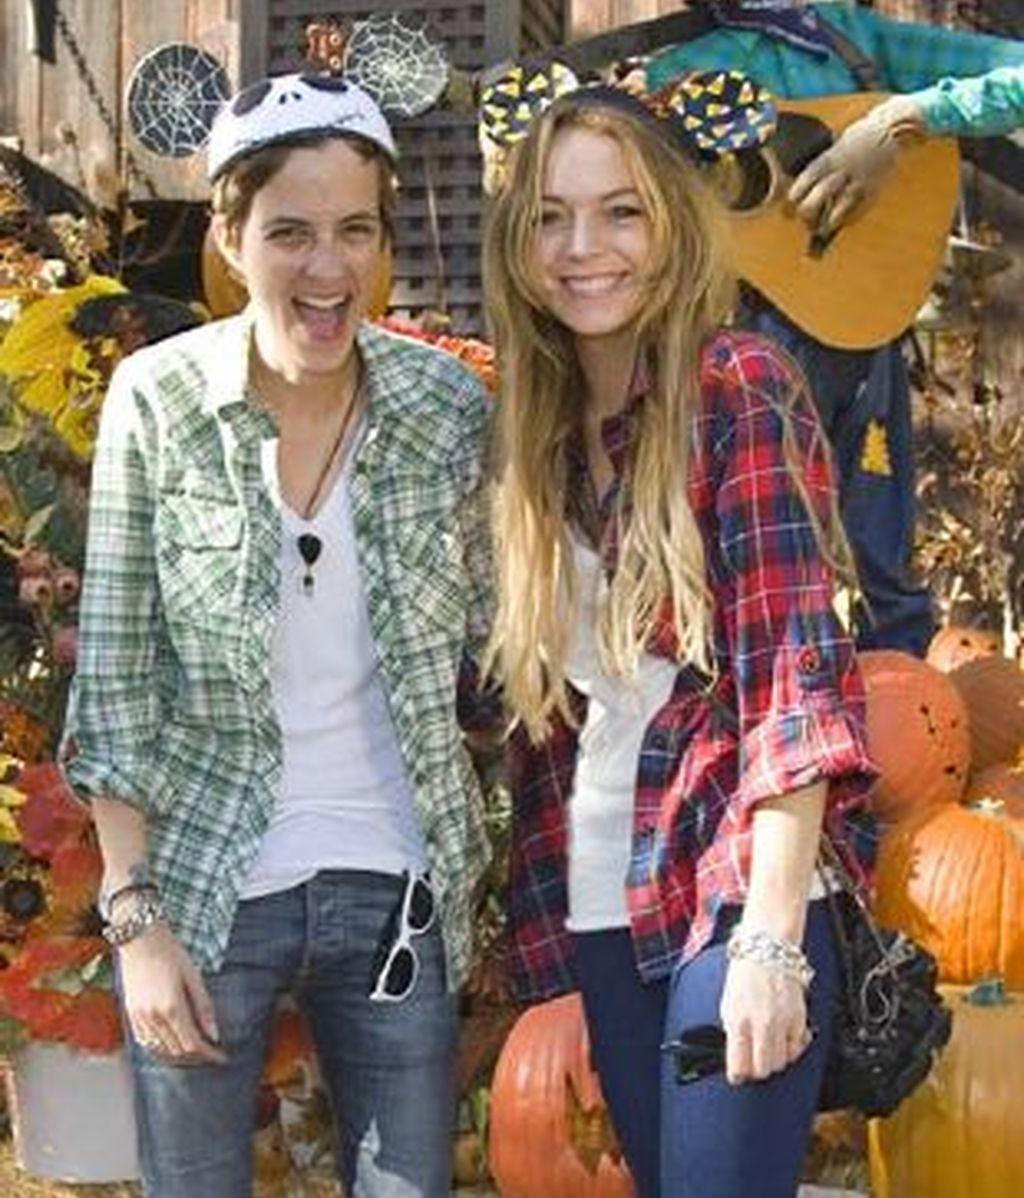 Imagen de la actriz Lindsay Lohan y su novia, Samantha Ronson, en Disneyland. Foto: AP